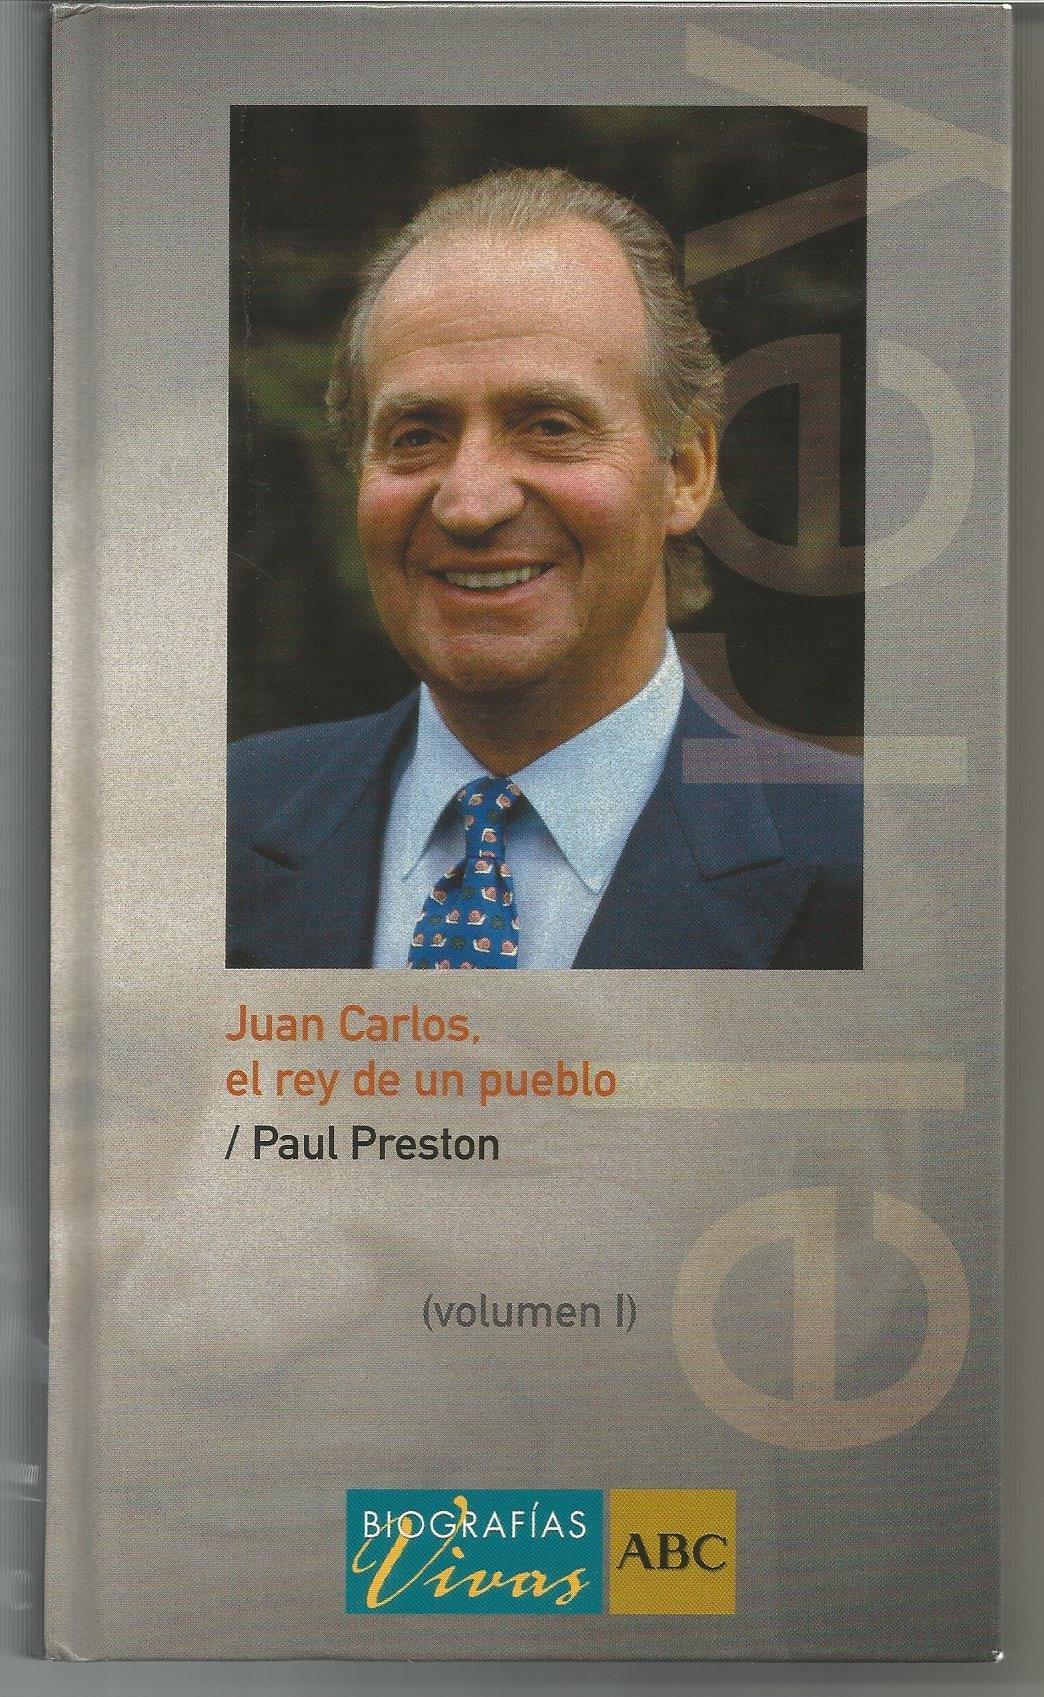 JUAN CARLOS, EL REY DE UN PUEBLO - Vol 1: Amazon.es: Paul Preston: Libros